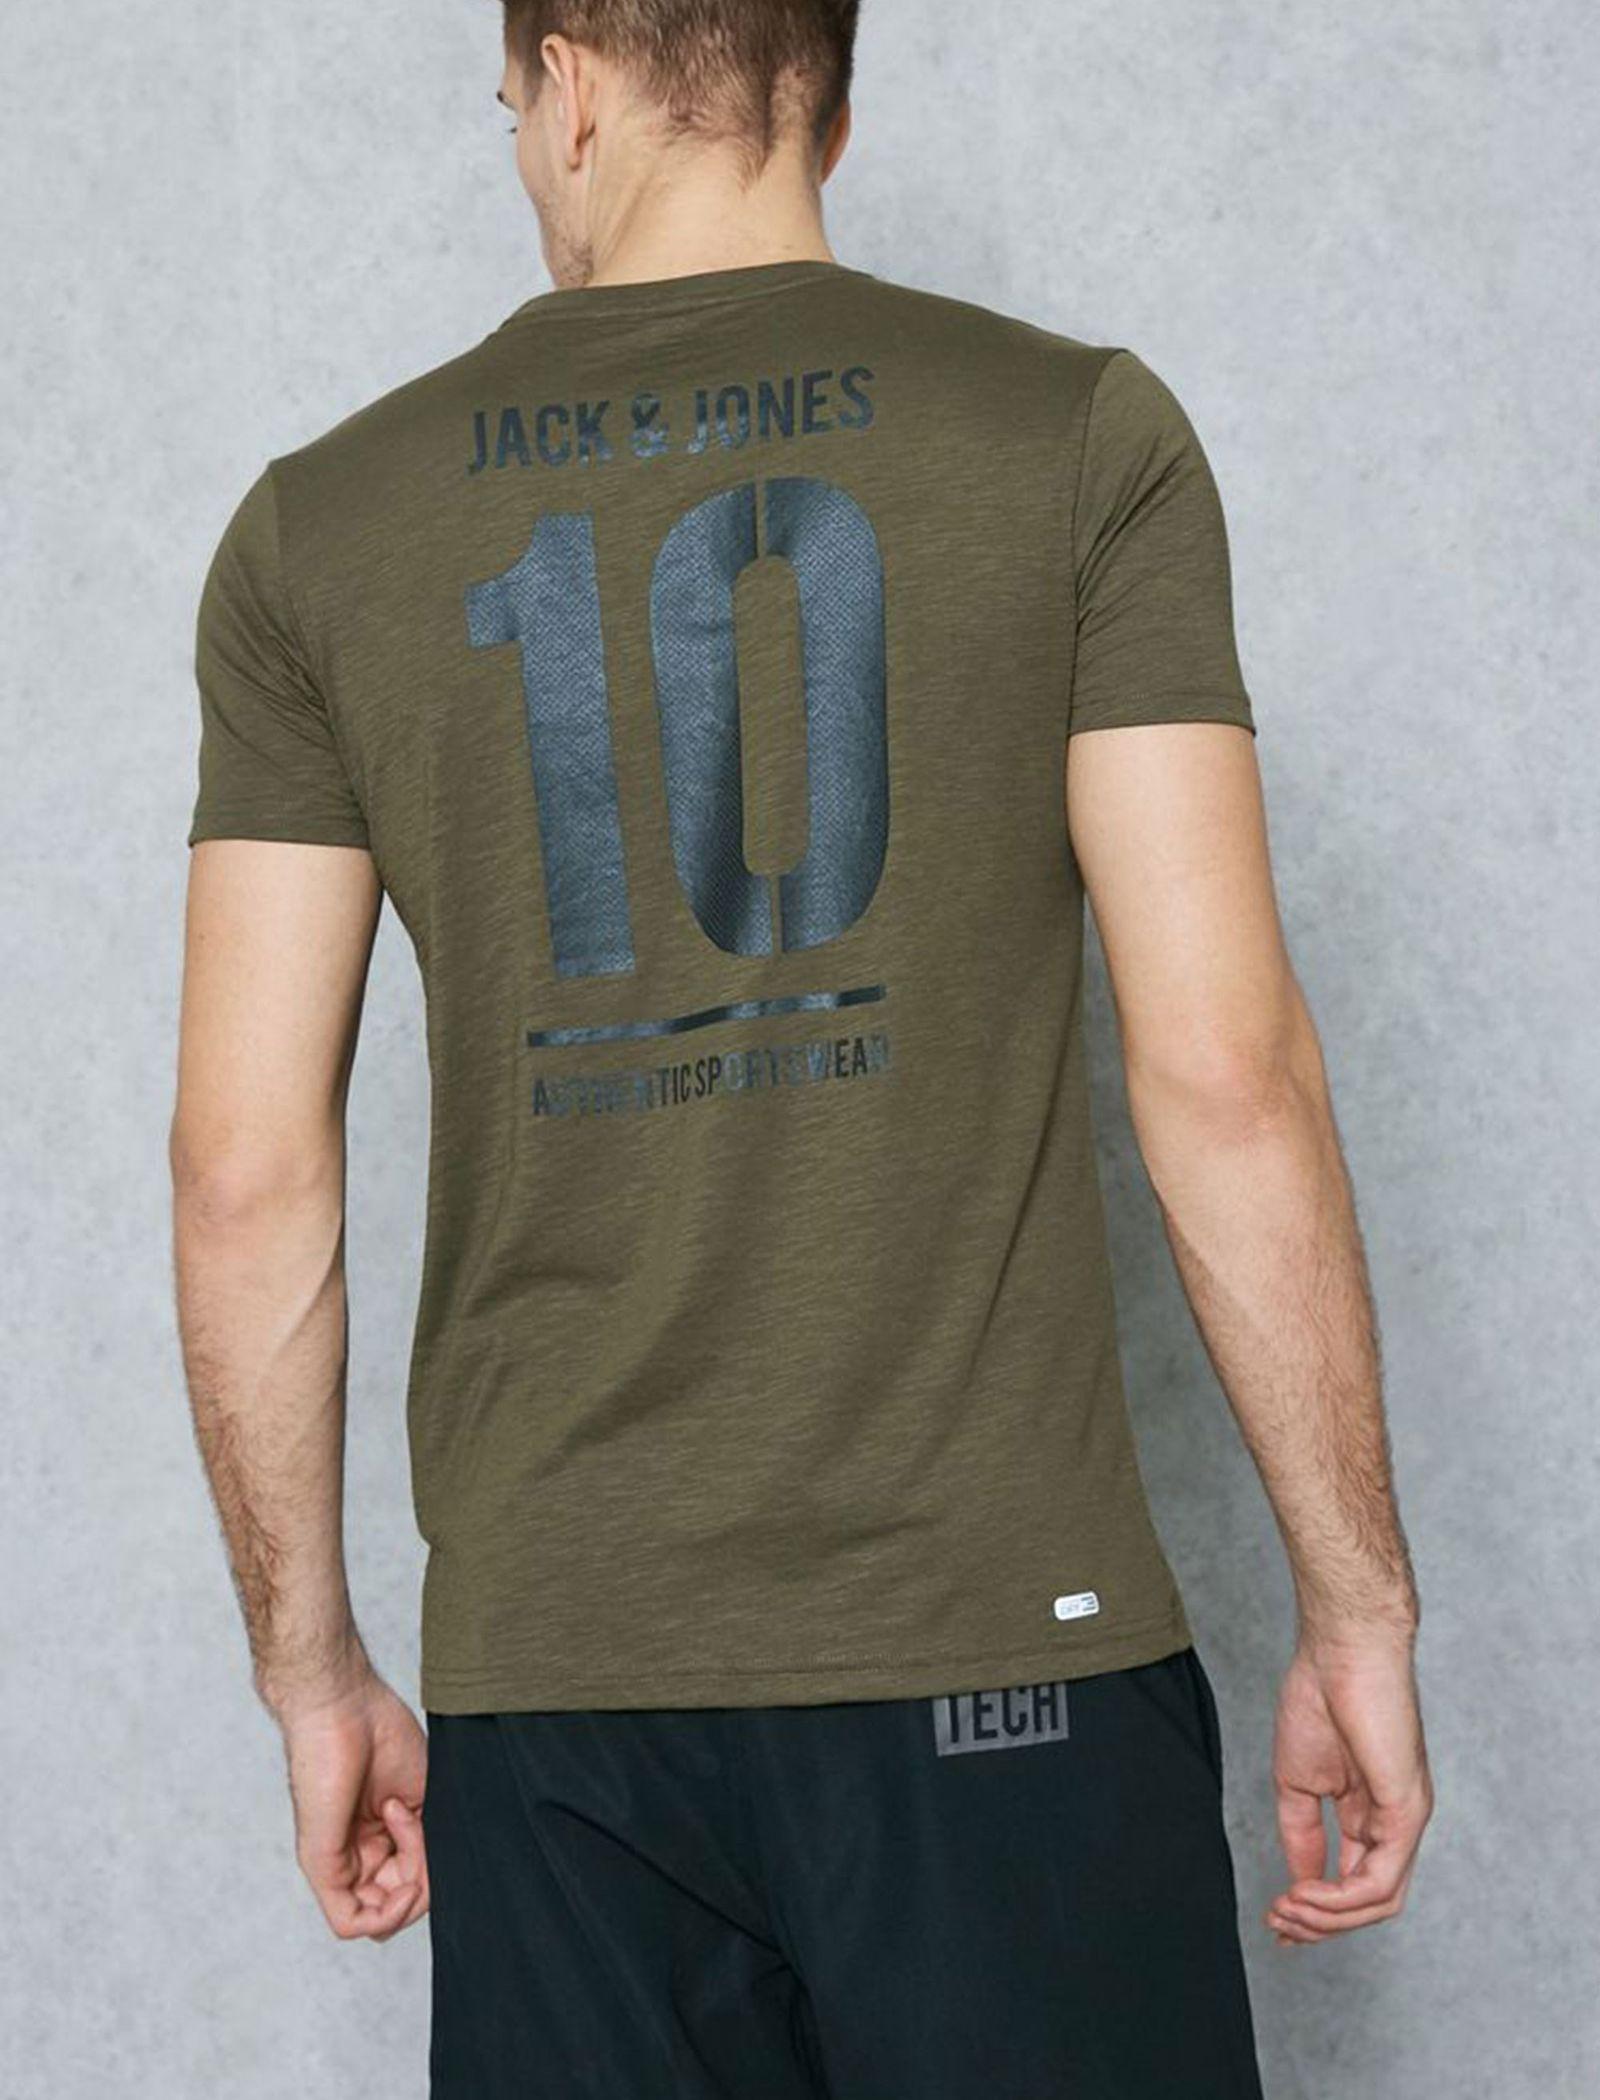 تی شرت ورزشی یقه گرد مردانه - جک اند جونز - زيتوني - 6